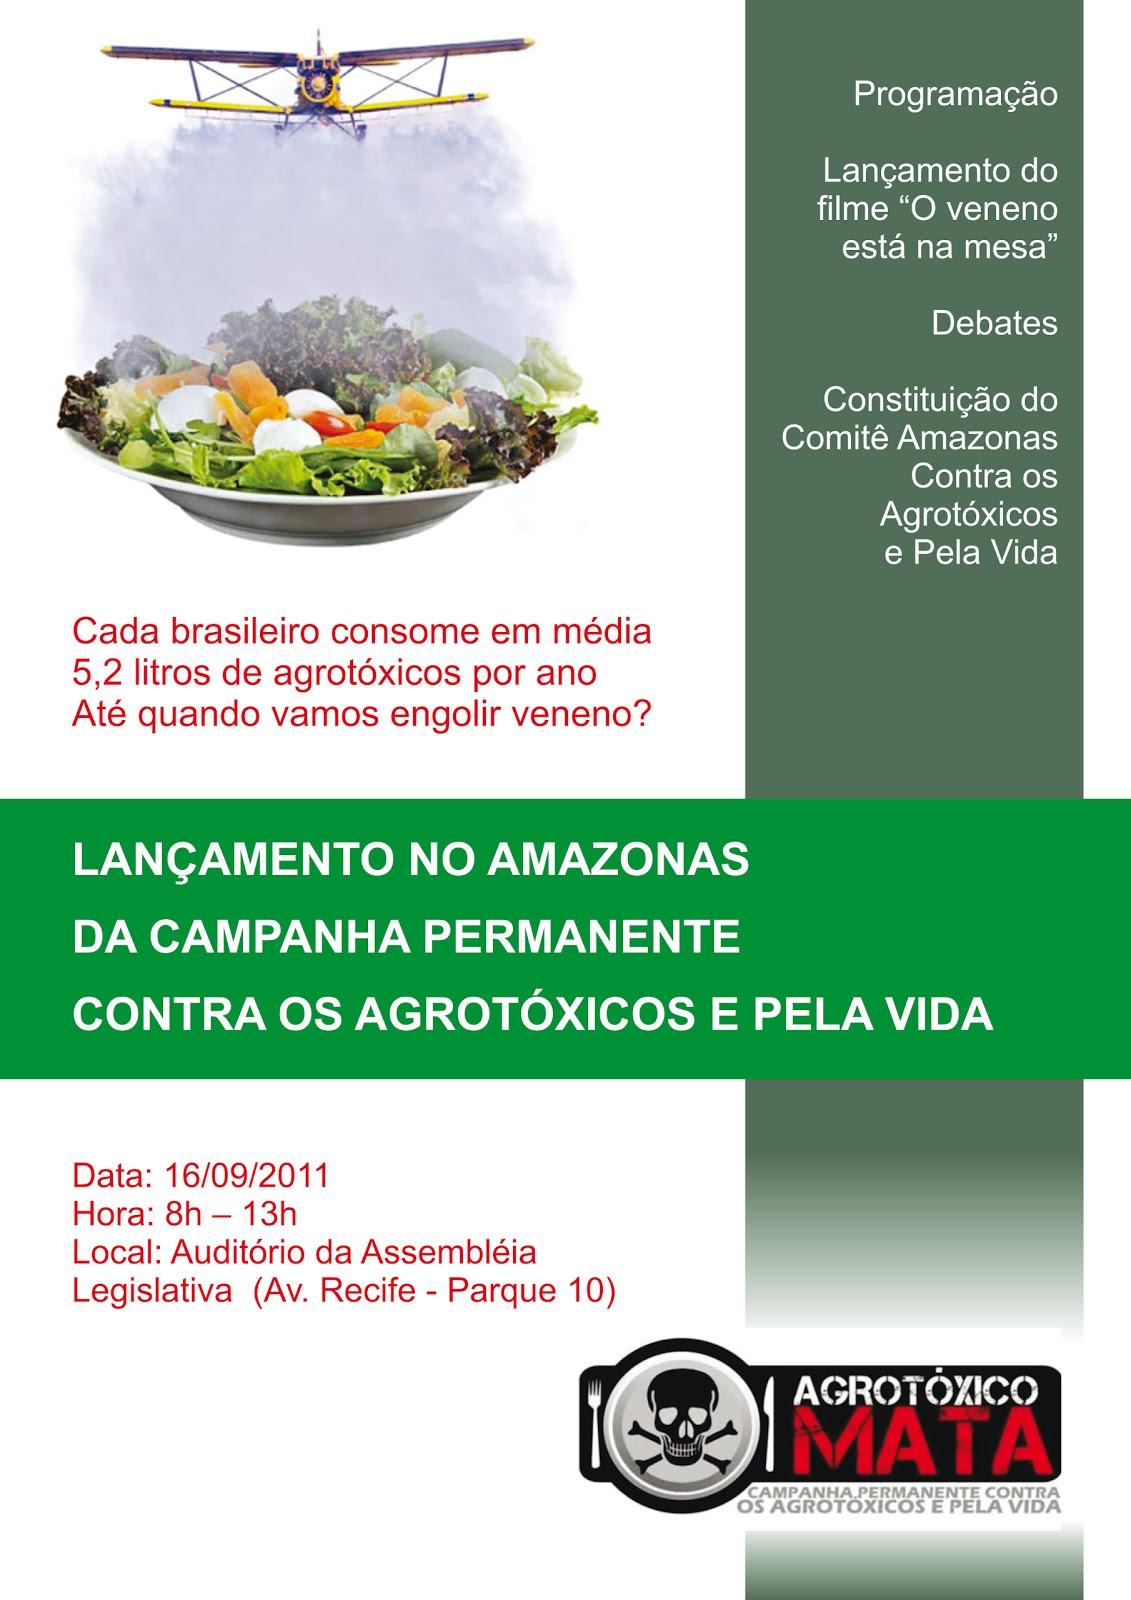 381ee6ddb Lançamento no Amazonas da Campanha Permanente